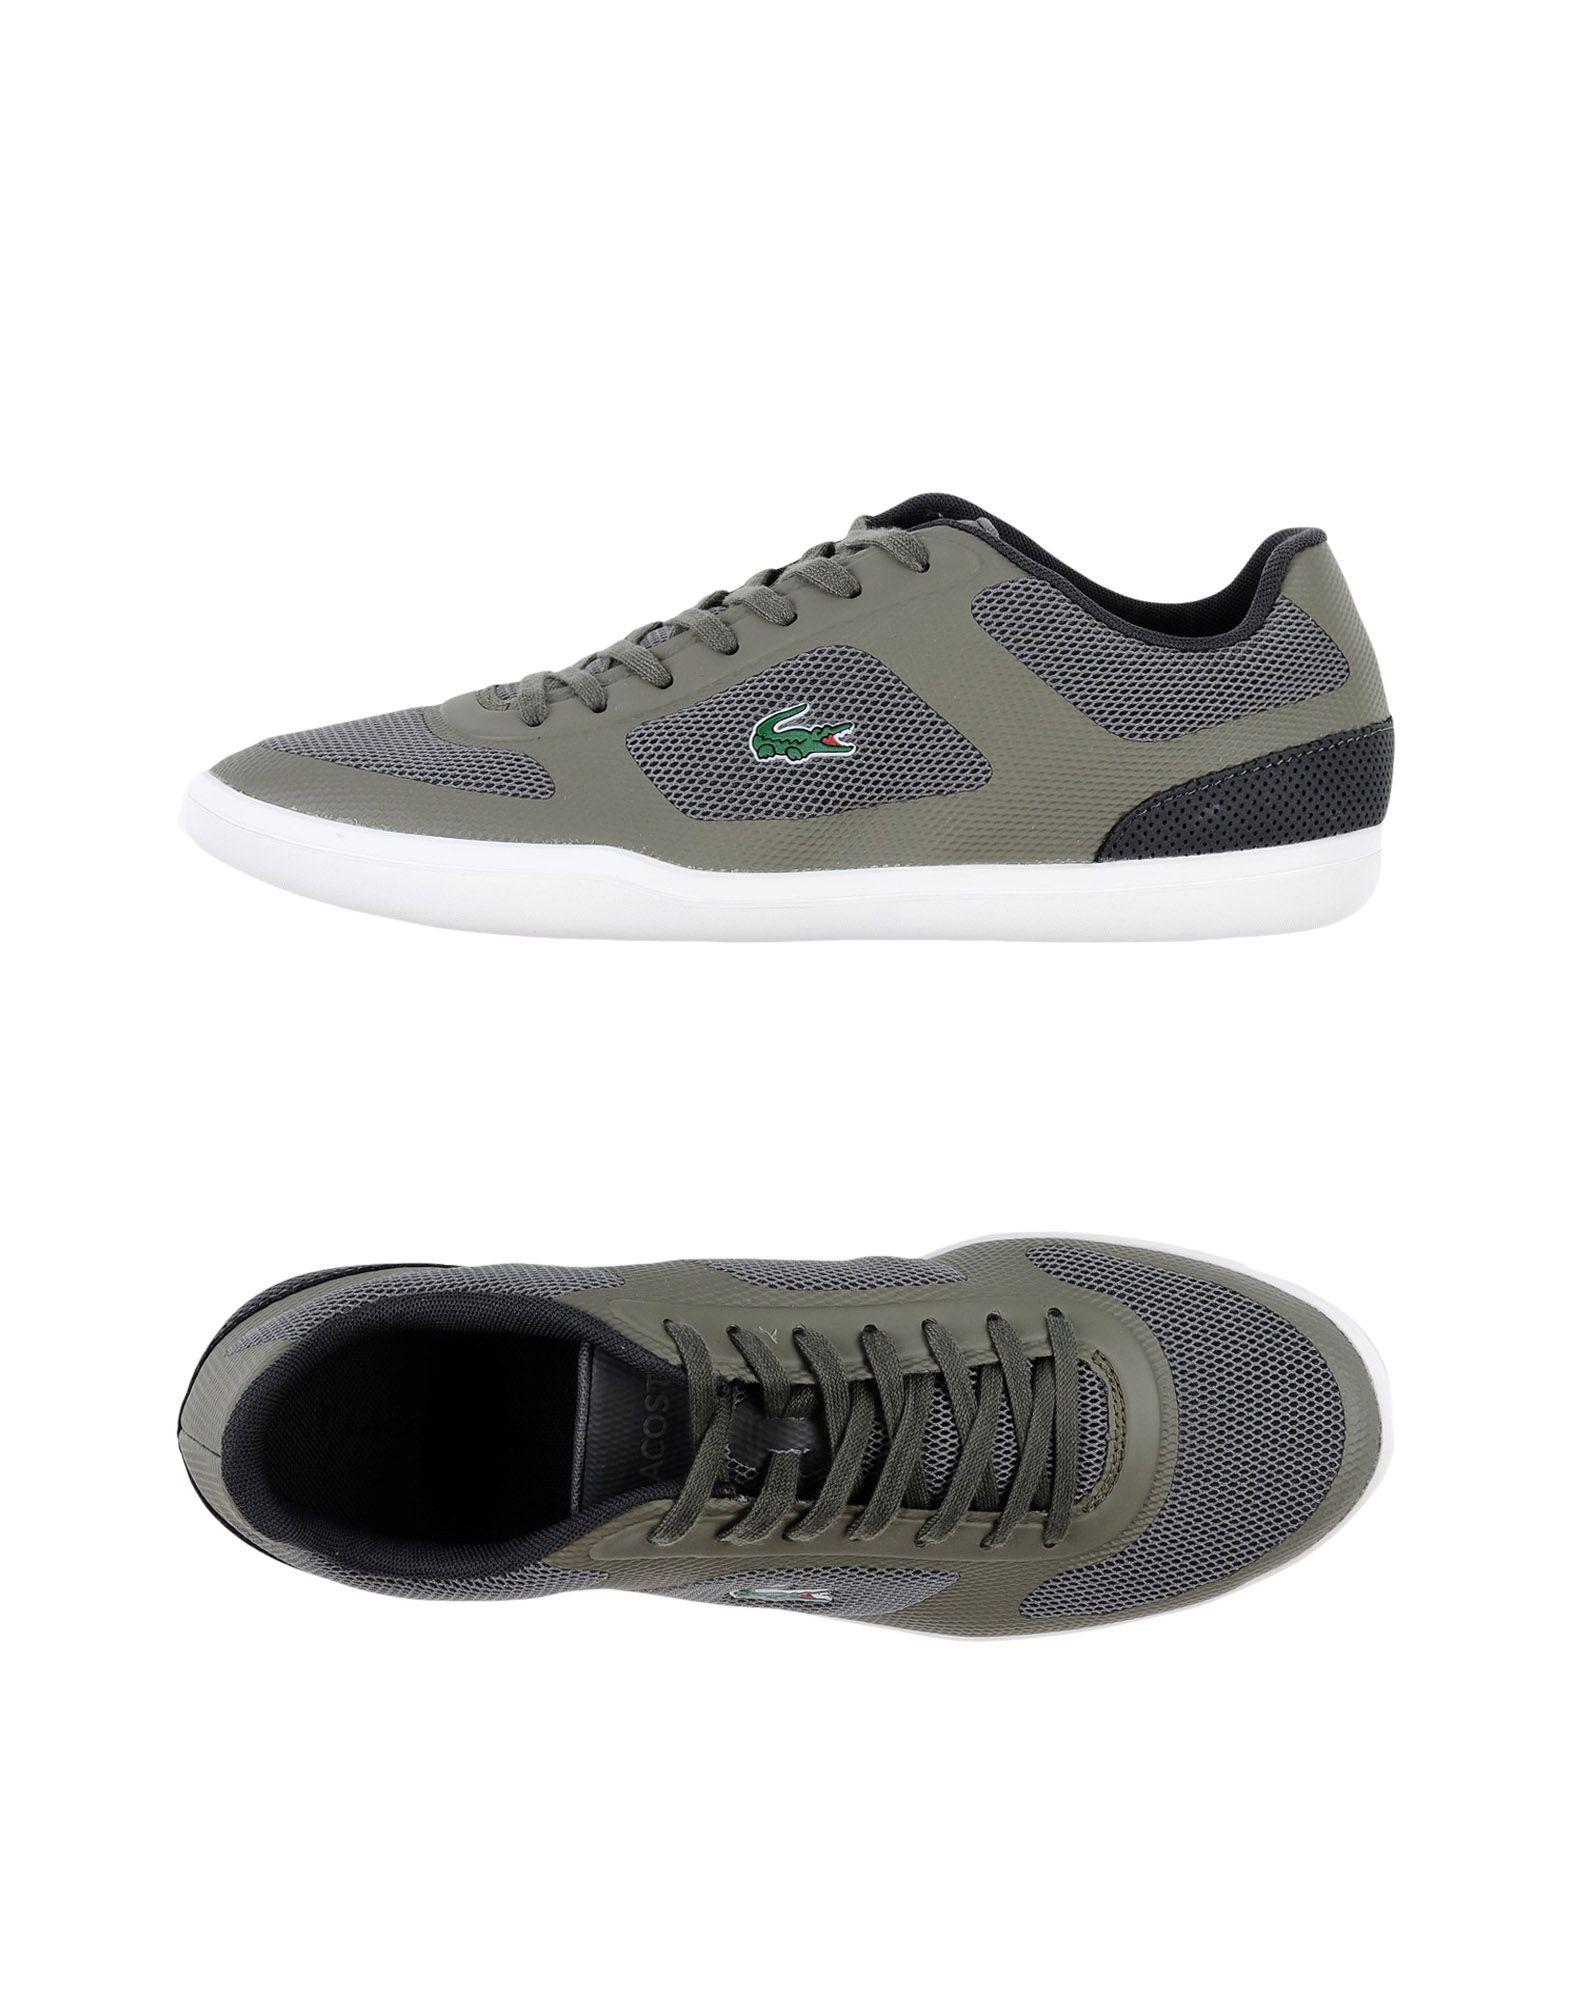 Lacoste Sneakers Herren Heiße  11394885PJ Heiße Herren Schuhe 0a0862